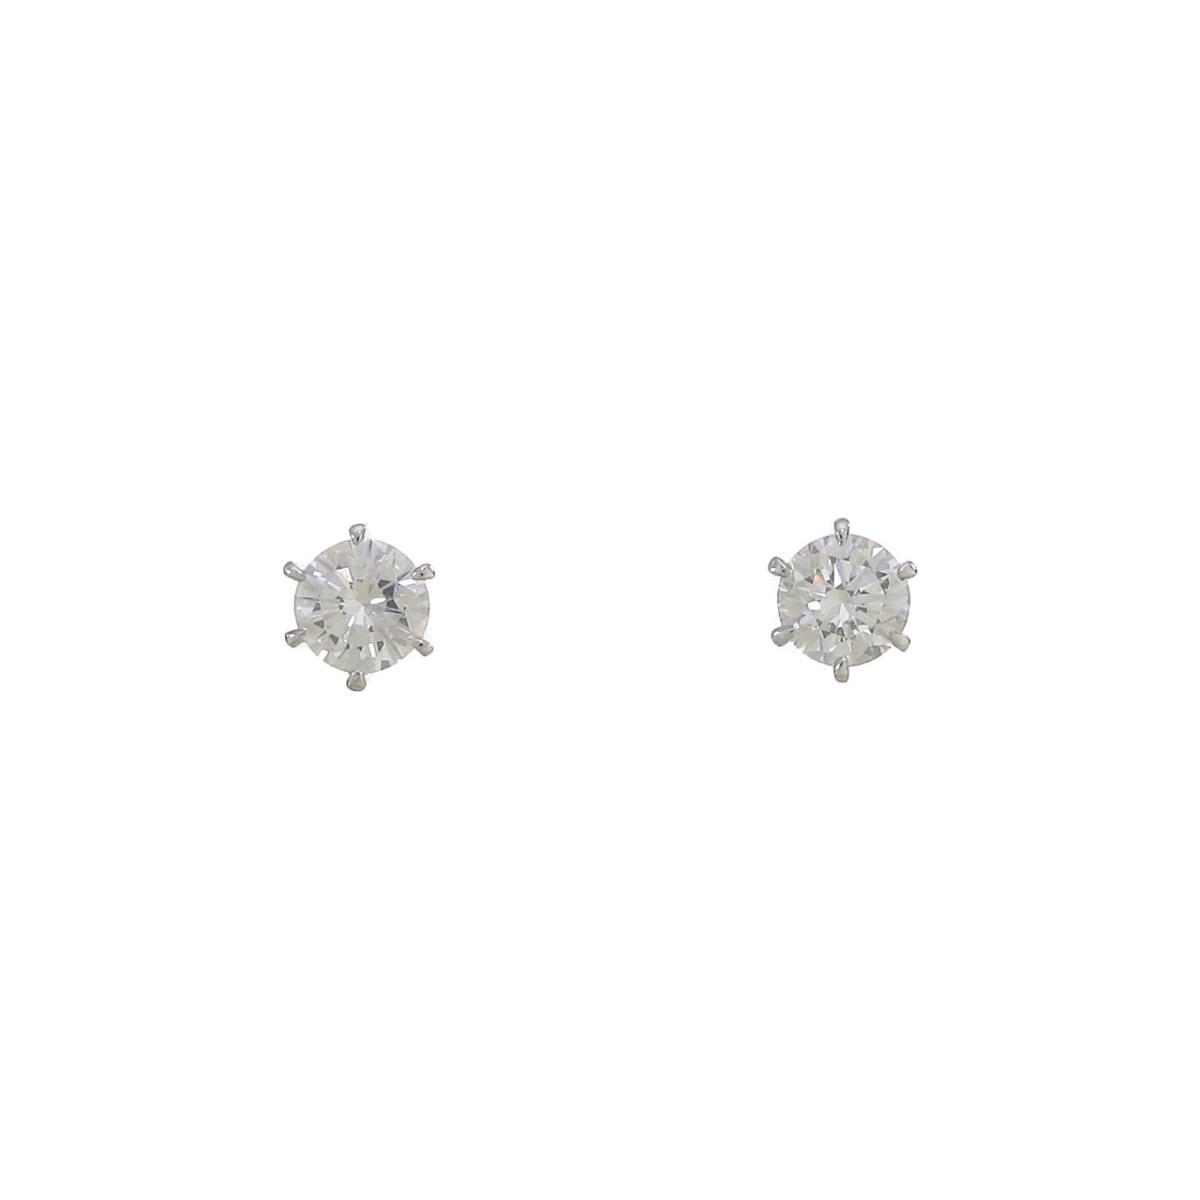 【リメイク】ST プラチナダイヤモンドピアス 0.209ct・0.211ct・E・VS1・VG【中古】